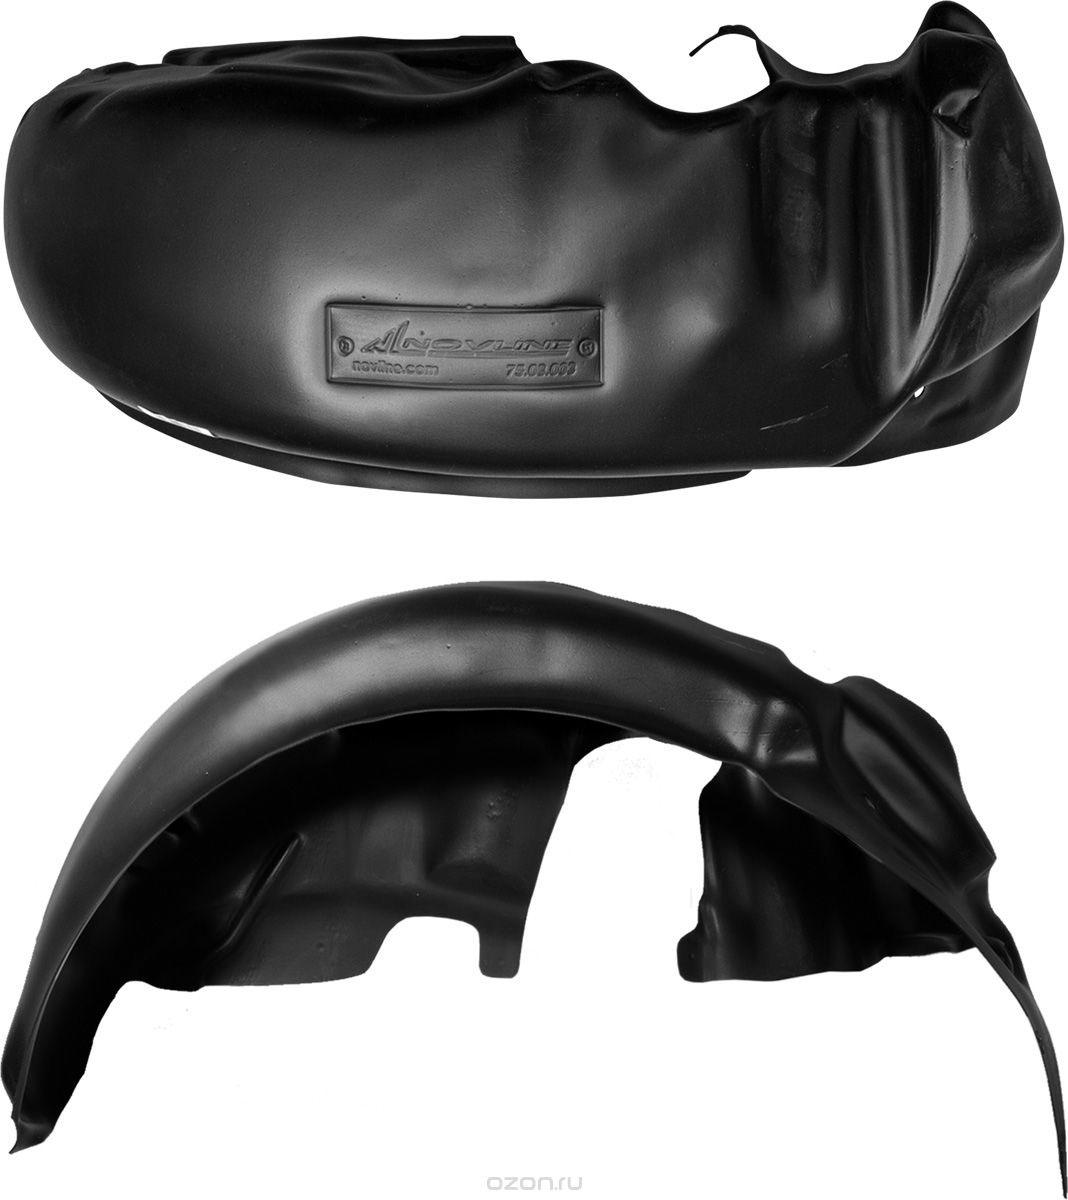 Подкрылок Novline-Autofamily, для HONDA Civic 4D, 2012->, передний левыйNLL.18.17.001Идеальная защита колесной ниши. Локеры разработаны с применением цифровых технологий, гарантируют максимальную повторяемость поверхности арки. Изделия устанавливаются без нарушения лакокрасочного покрытия автомобиля, каждый подкрылок комплектуется крепежом. Уважаемые клиенты, обращаем ваше внимание, что фотографии на подкрылки универсальные и не отражают реальную форму изделия. При этом само изделие идет точно под размер указанного автомобиля.